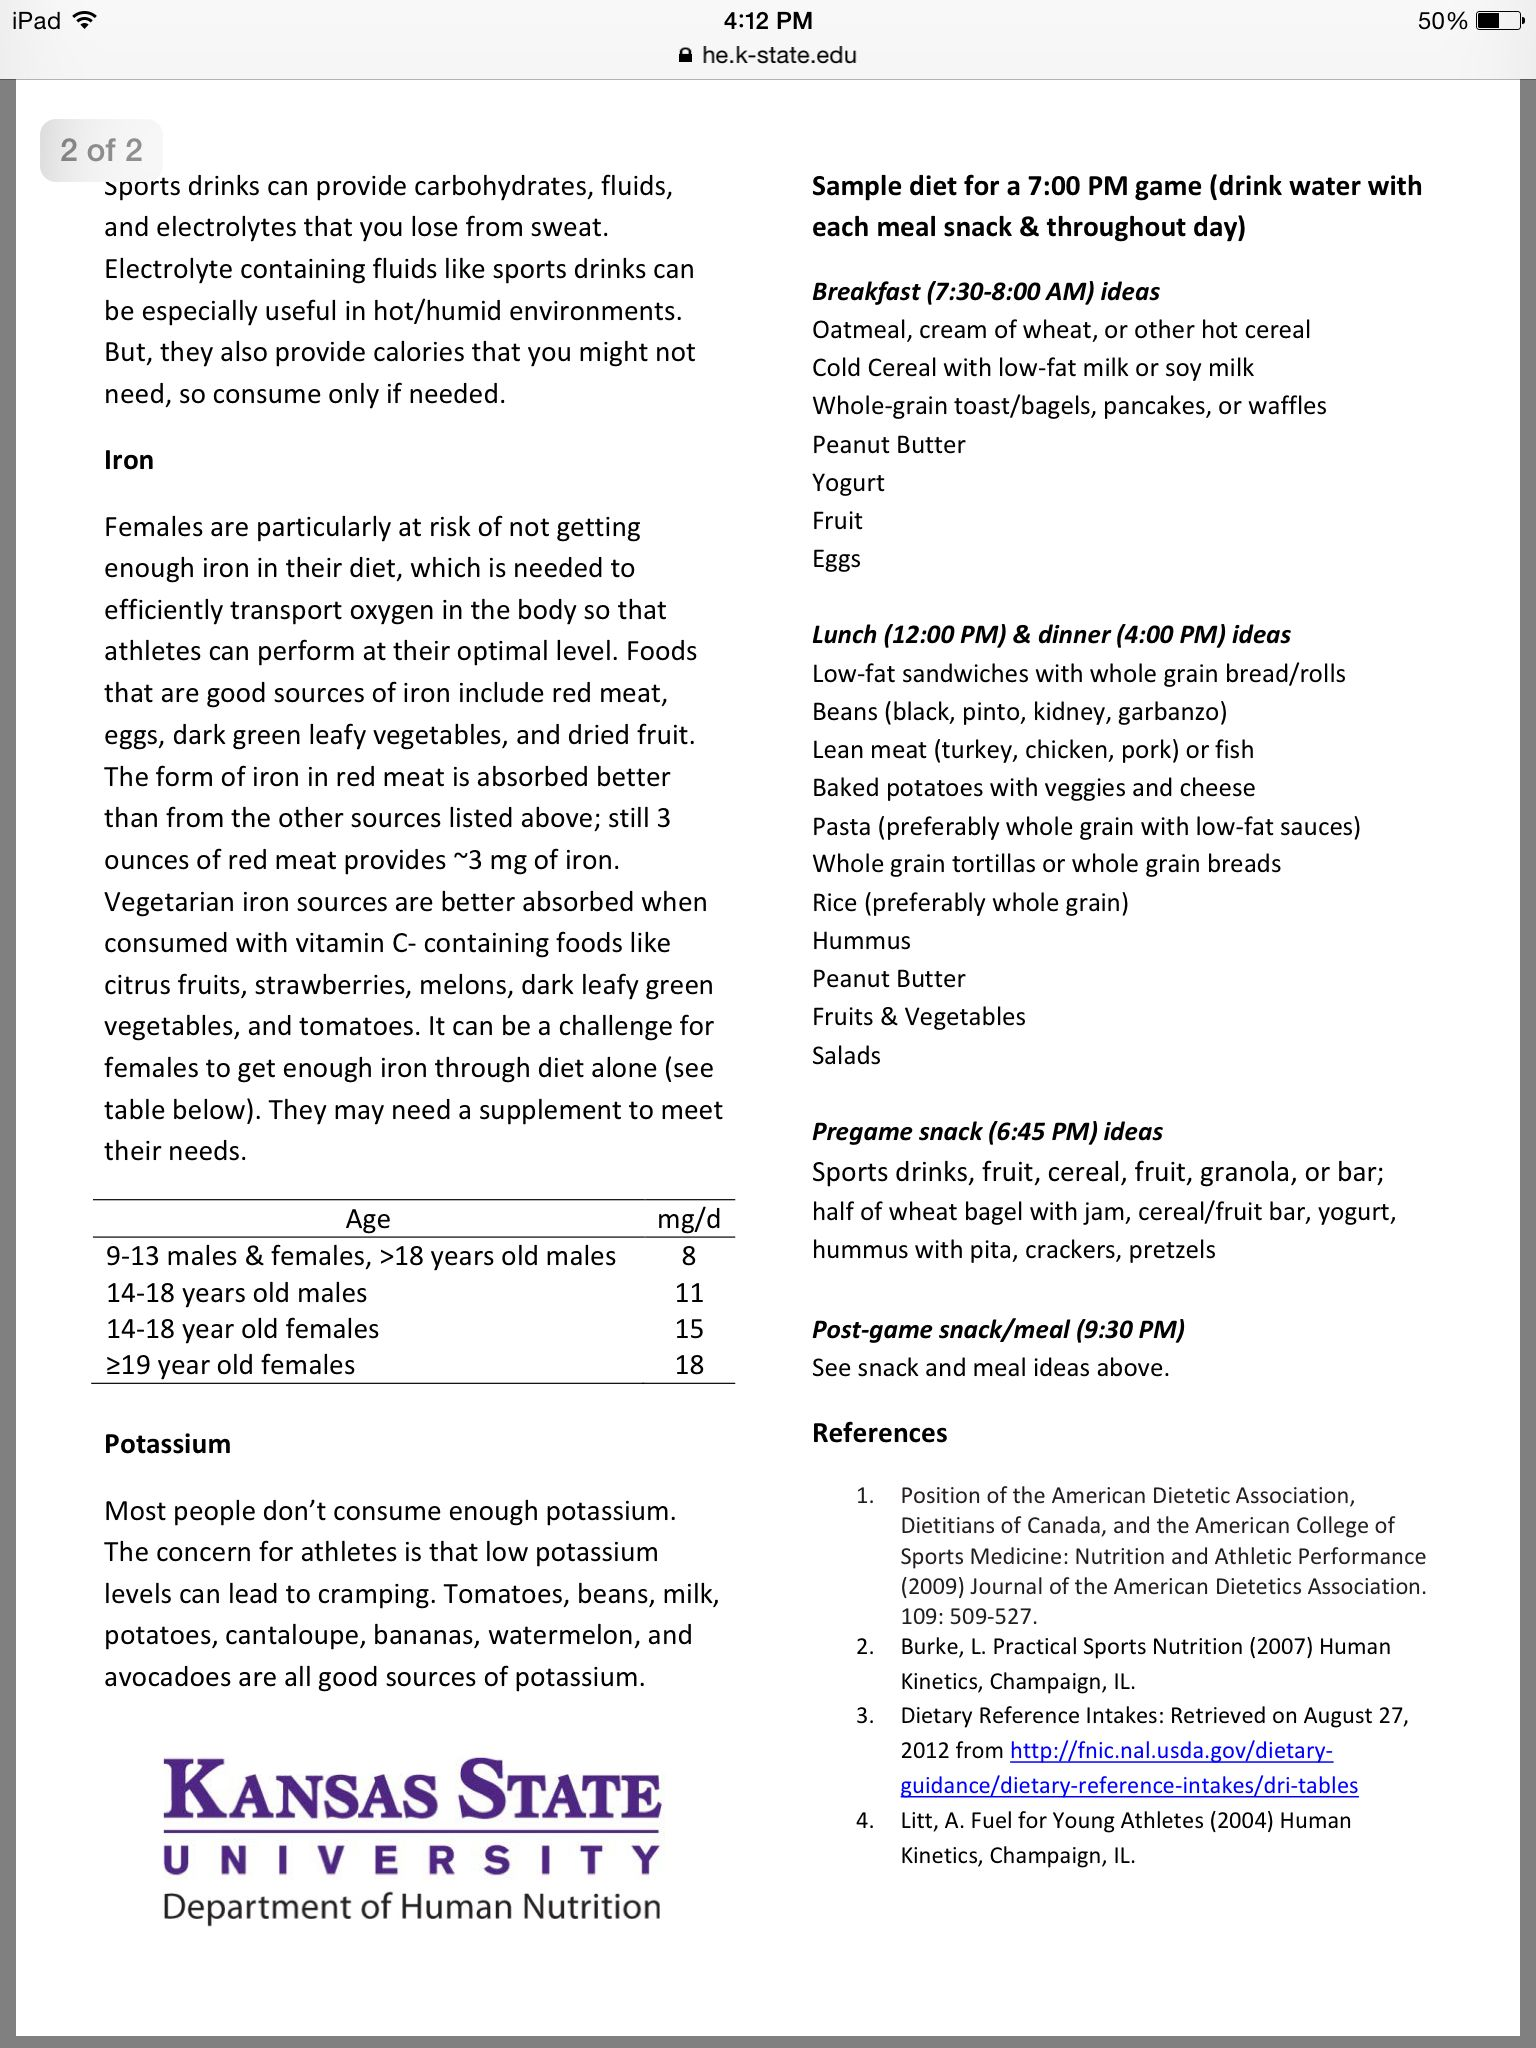 Teen Basketball Player Diet 2/2 | Basketball | American literature